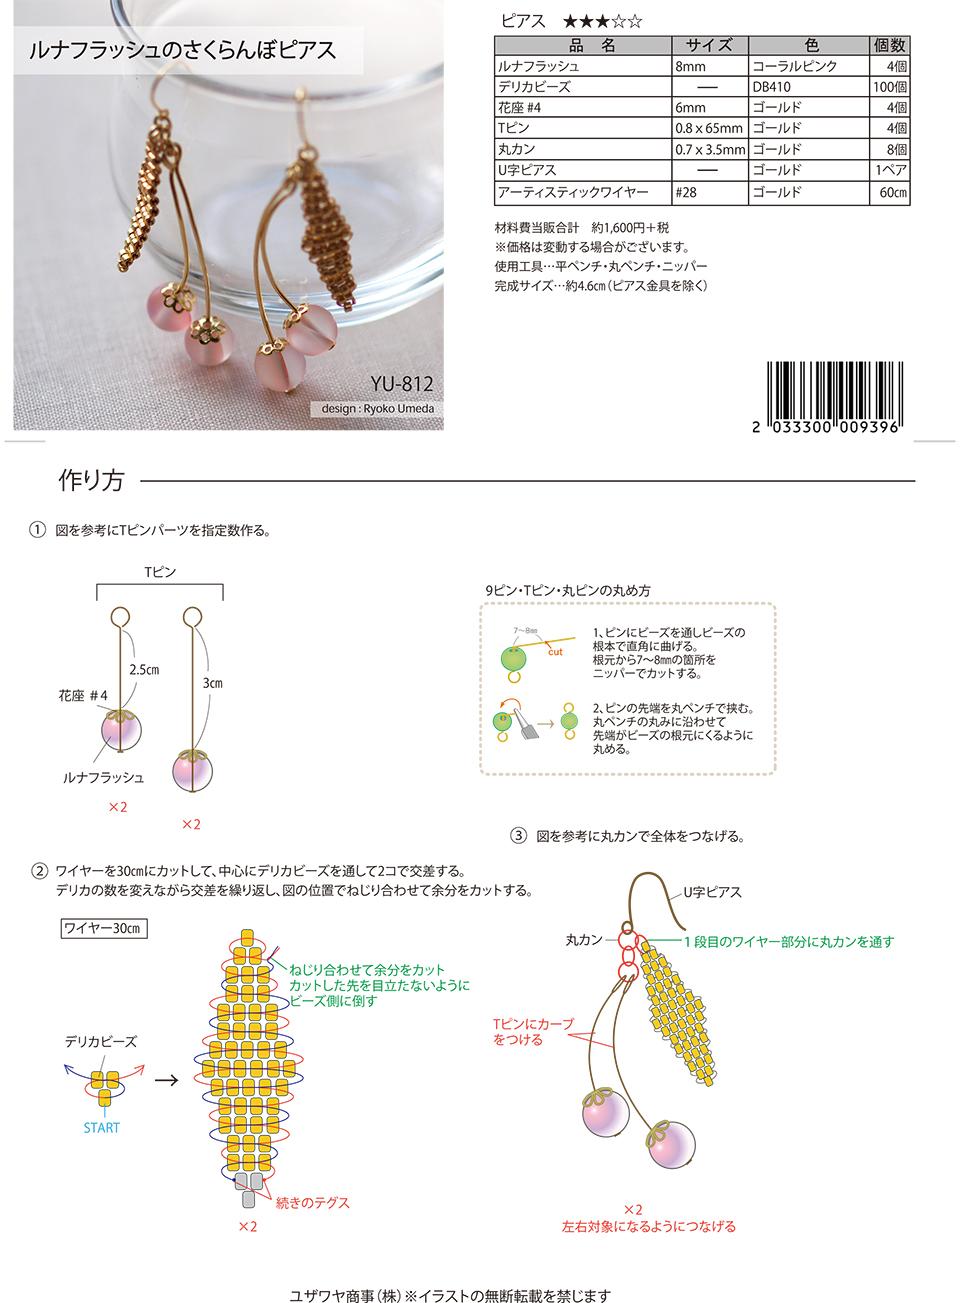 YU-812_1.jpg